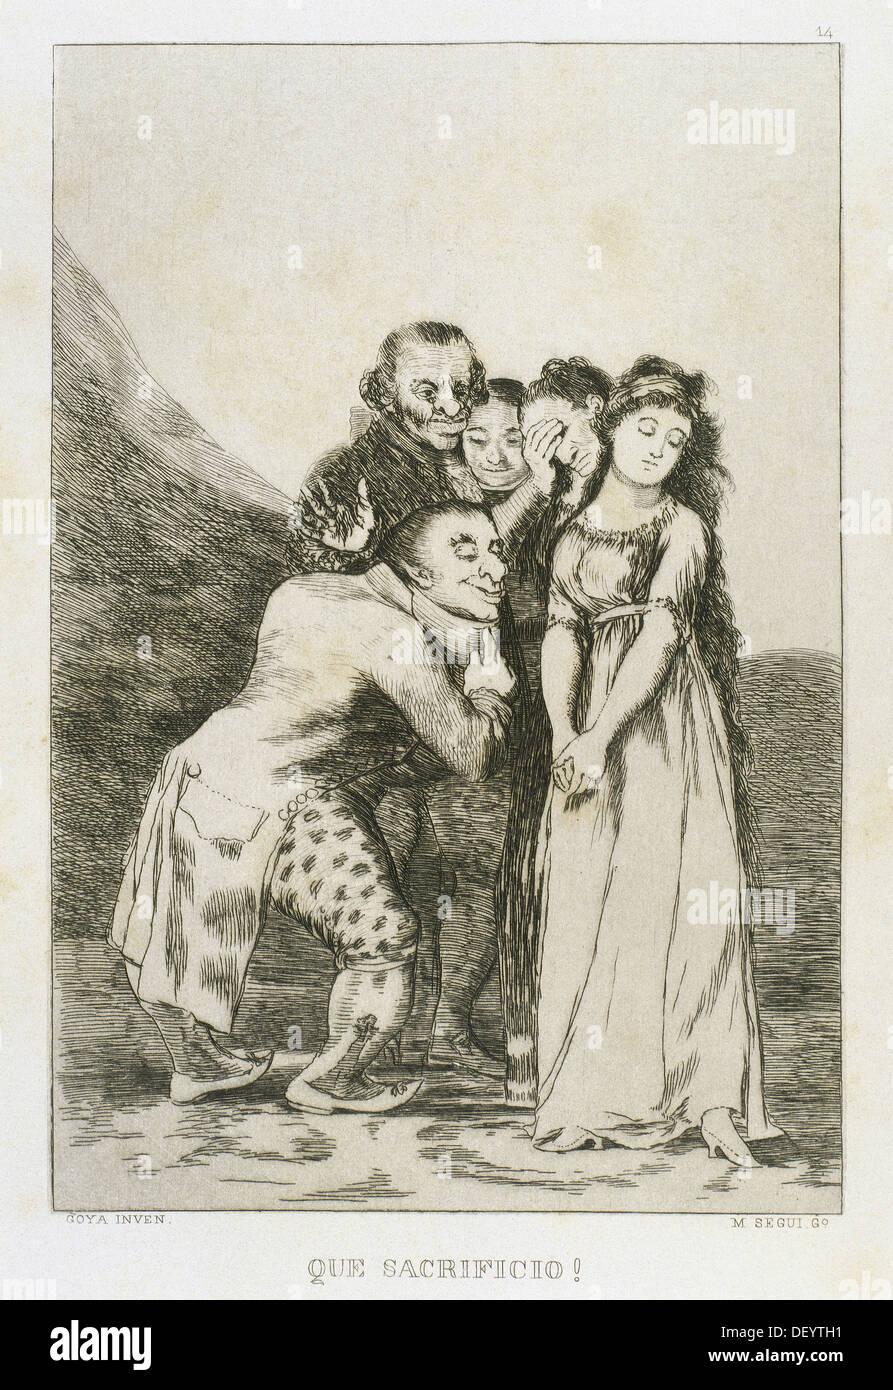 Francisco de Goya (1746-1828). Peintre et graveur espagnol. Los Caprichos. Que Sacrificio... (Quel Sacrifice...). Numéro 14. Photo Stock